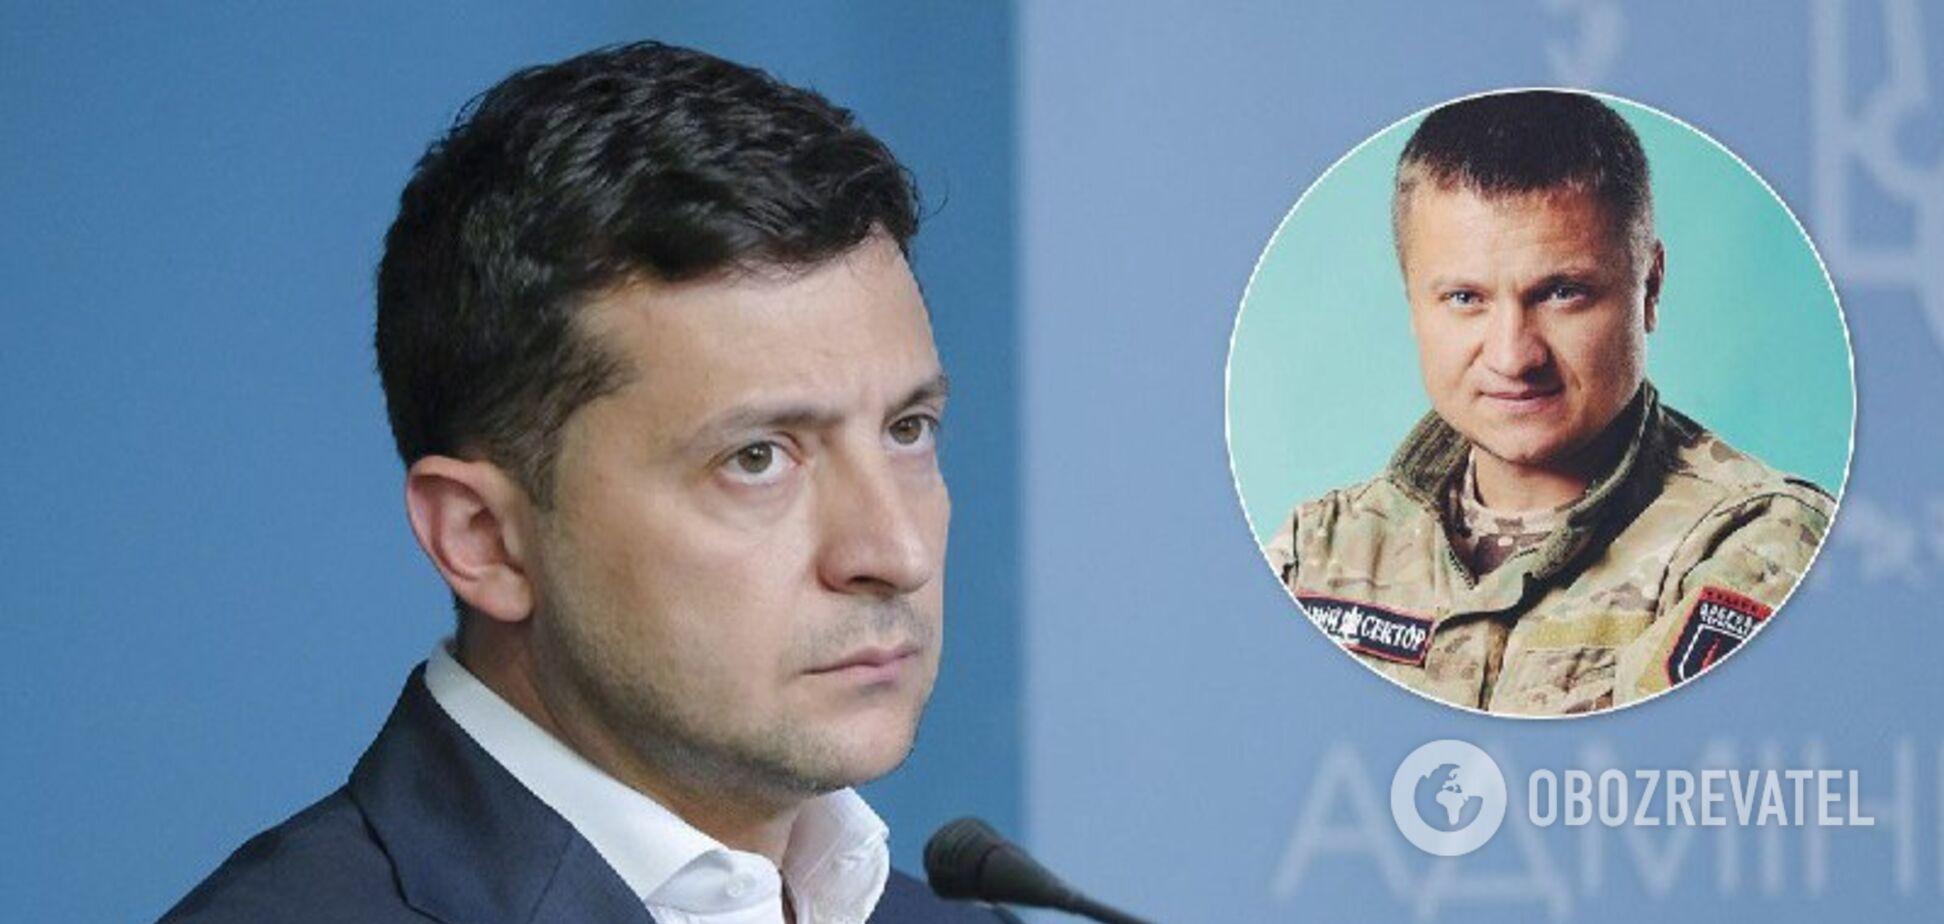 'Заведут тысячи бойцов': Зеленскому выдвинули жесткое условие по Донбассу